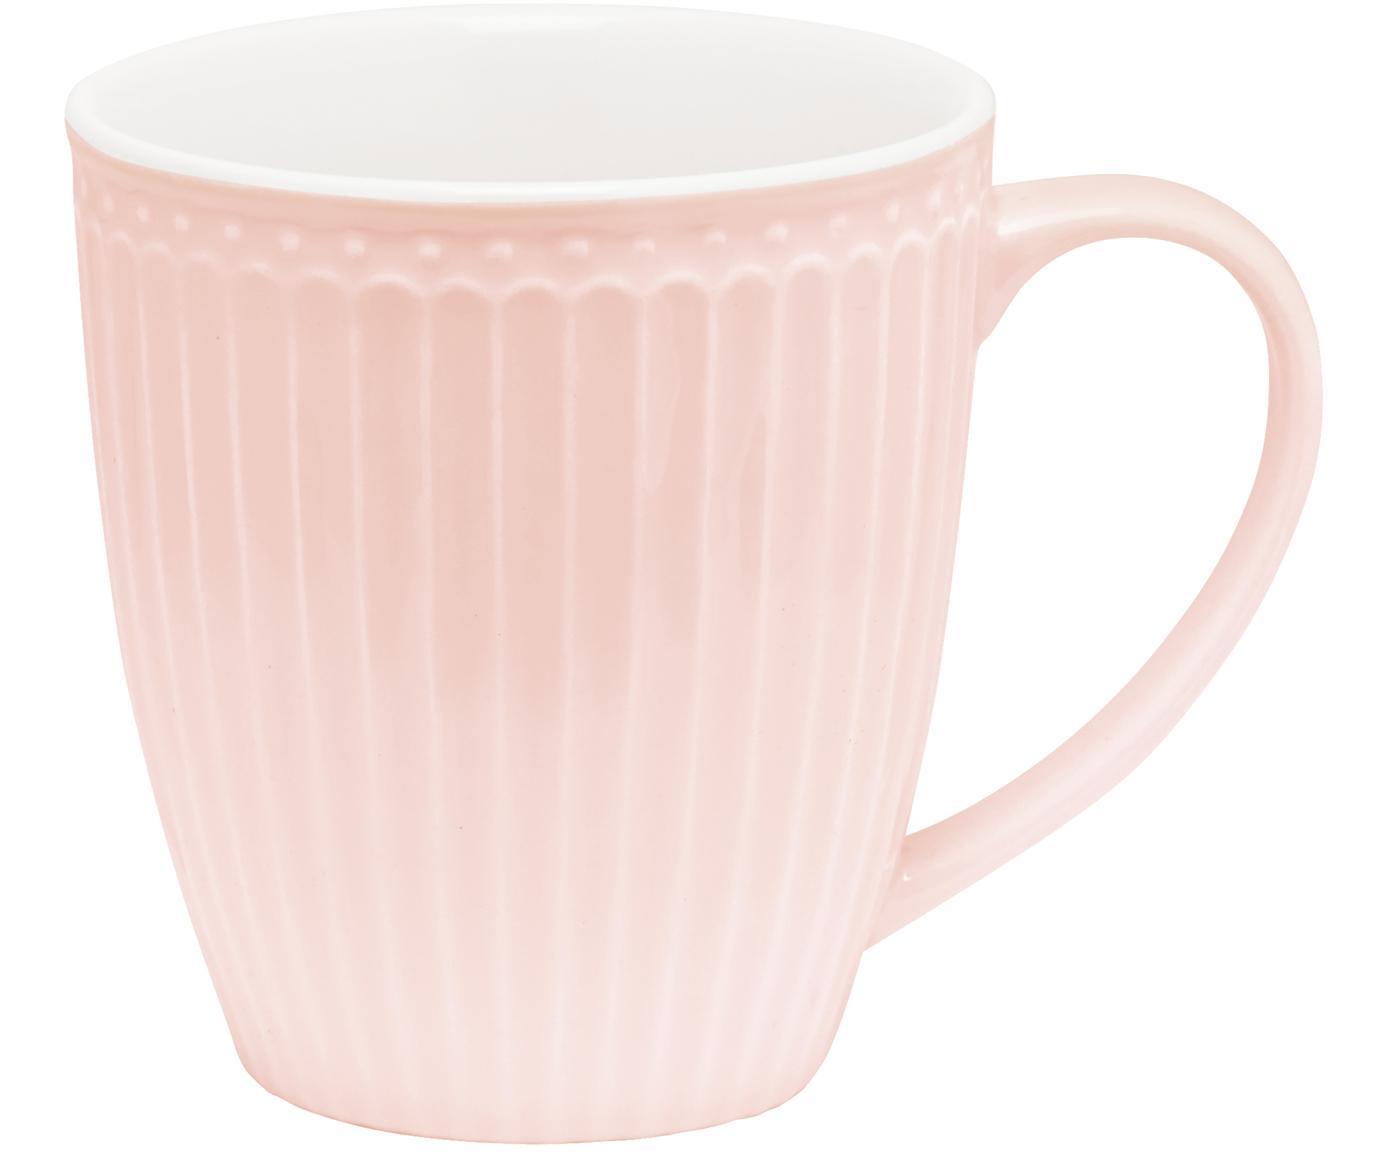 Kubek Alice, 2 szt., Porcelana, Blady różowy, Ø 10 x W 10 cm